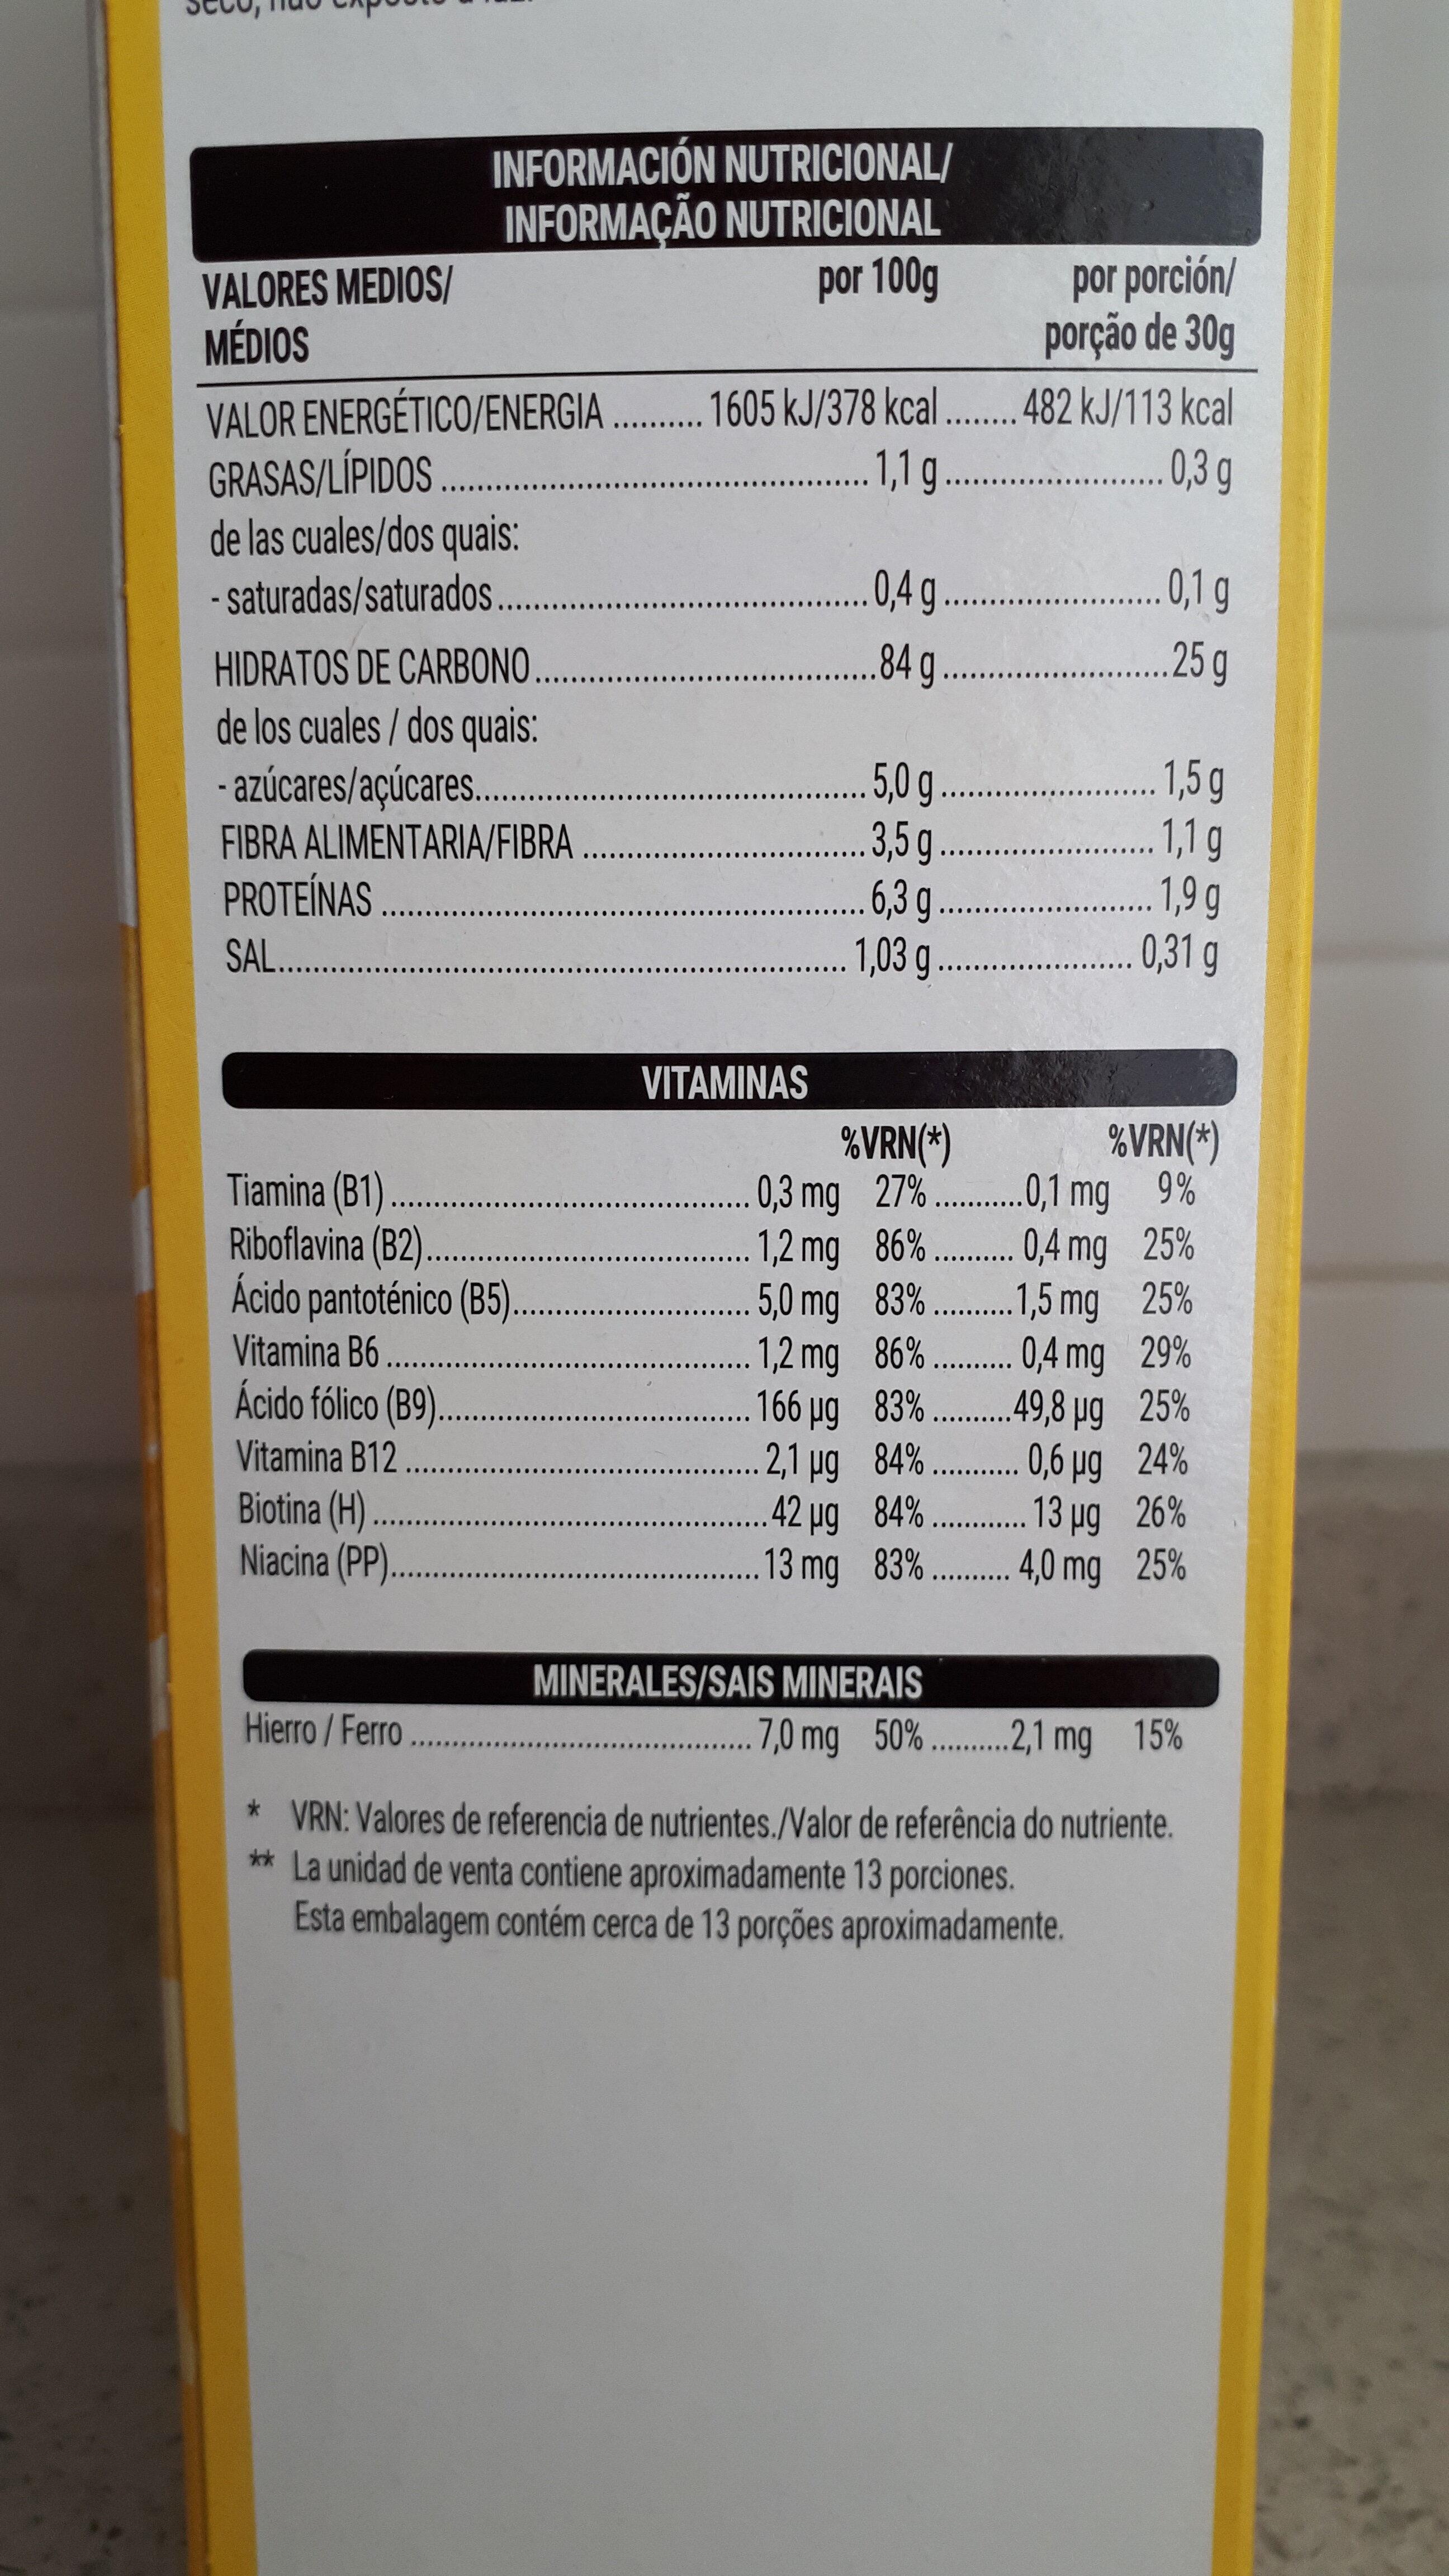 Copos de maíz - Informació nutricional - es